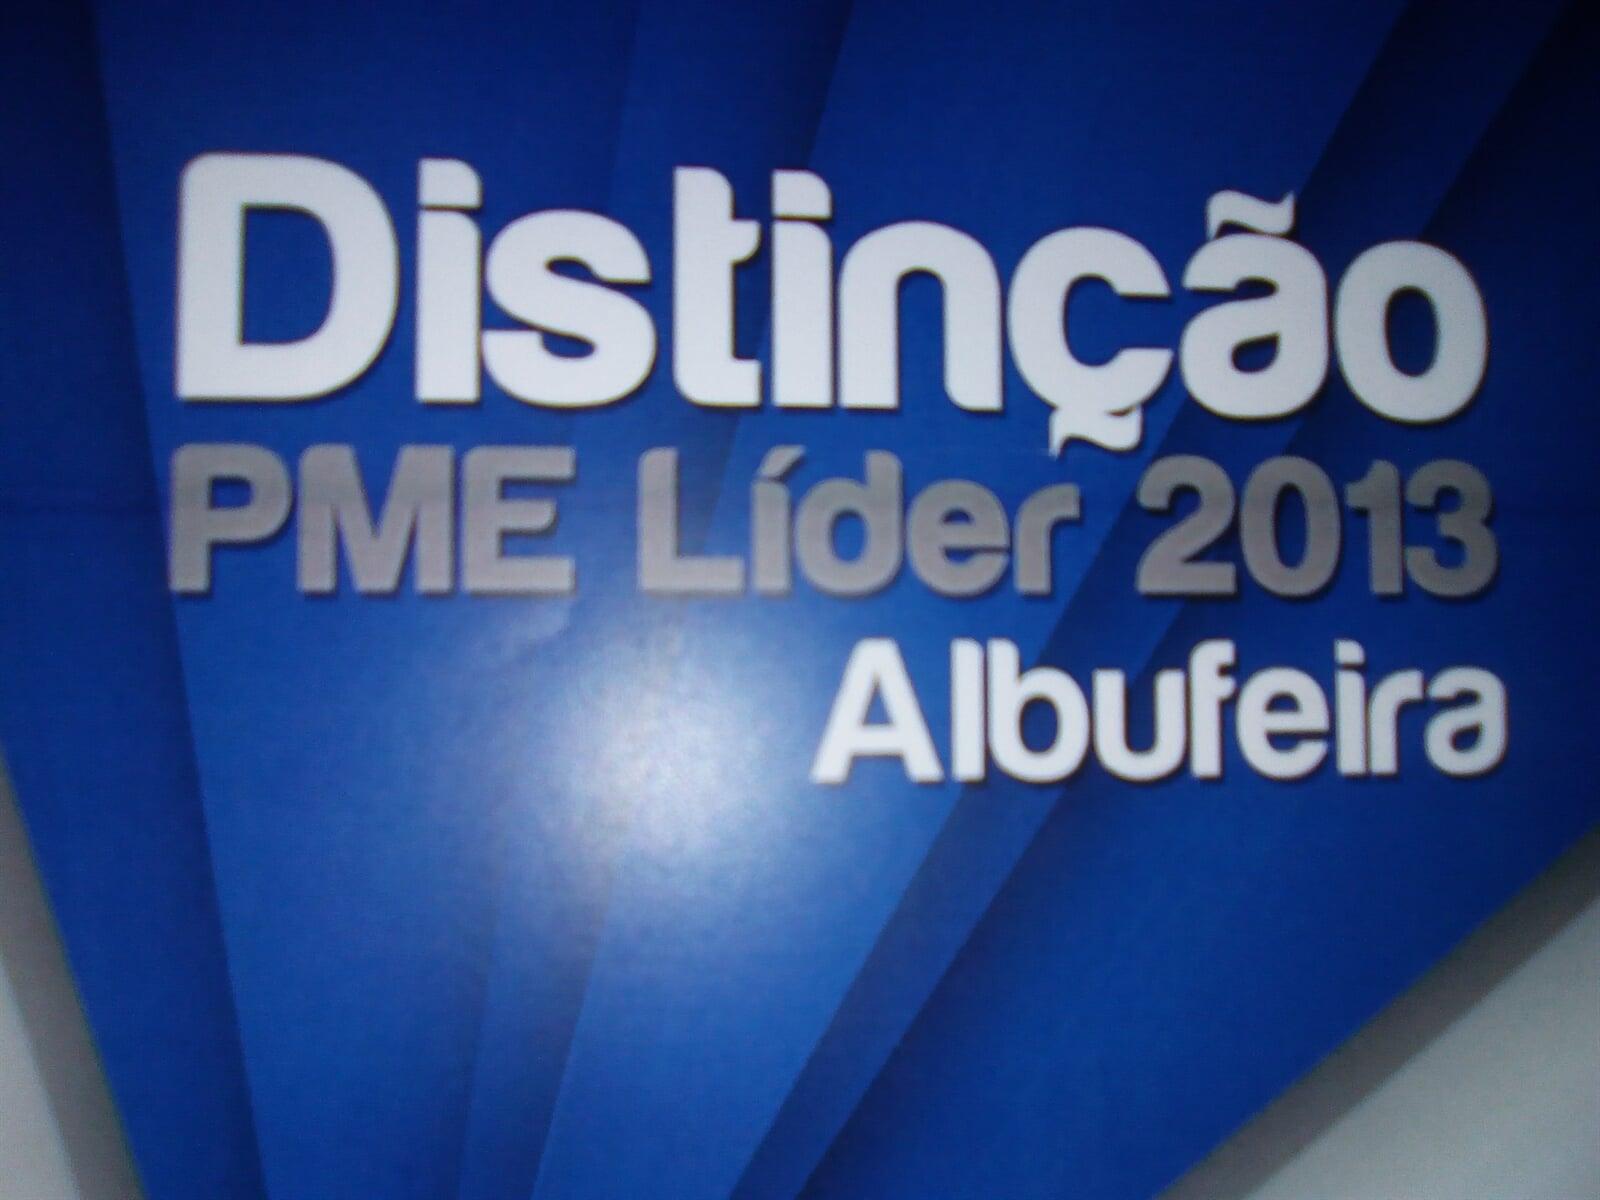 Award PME Líder - Albufeira